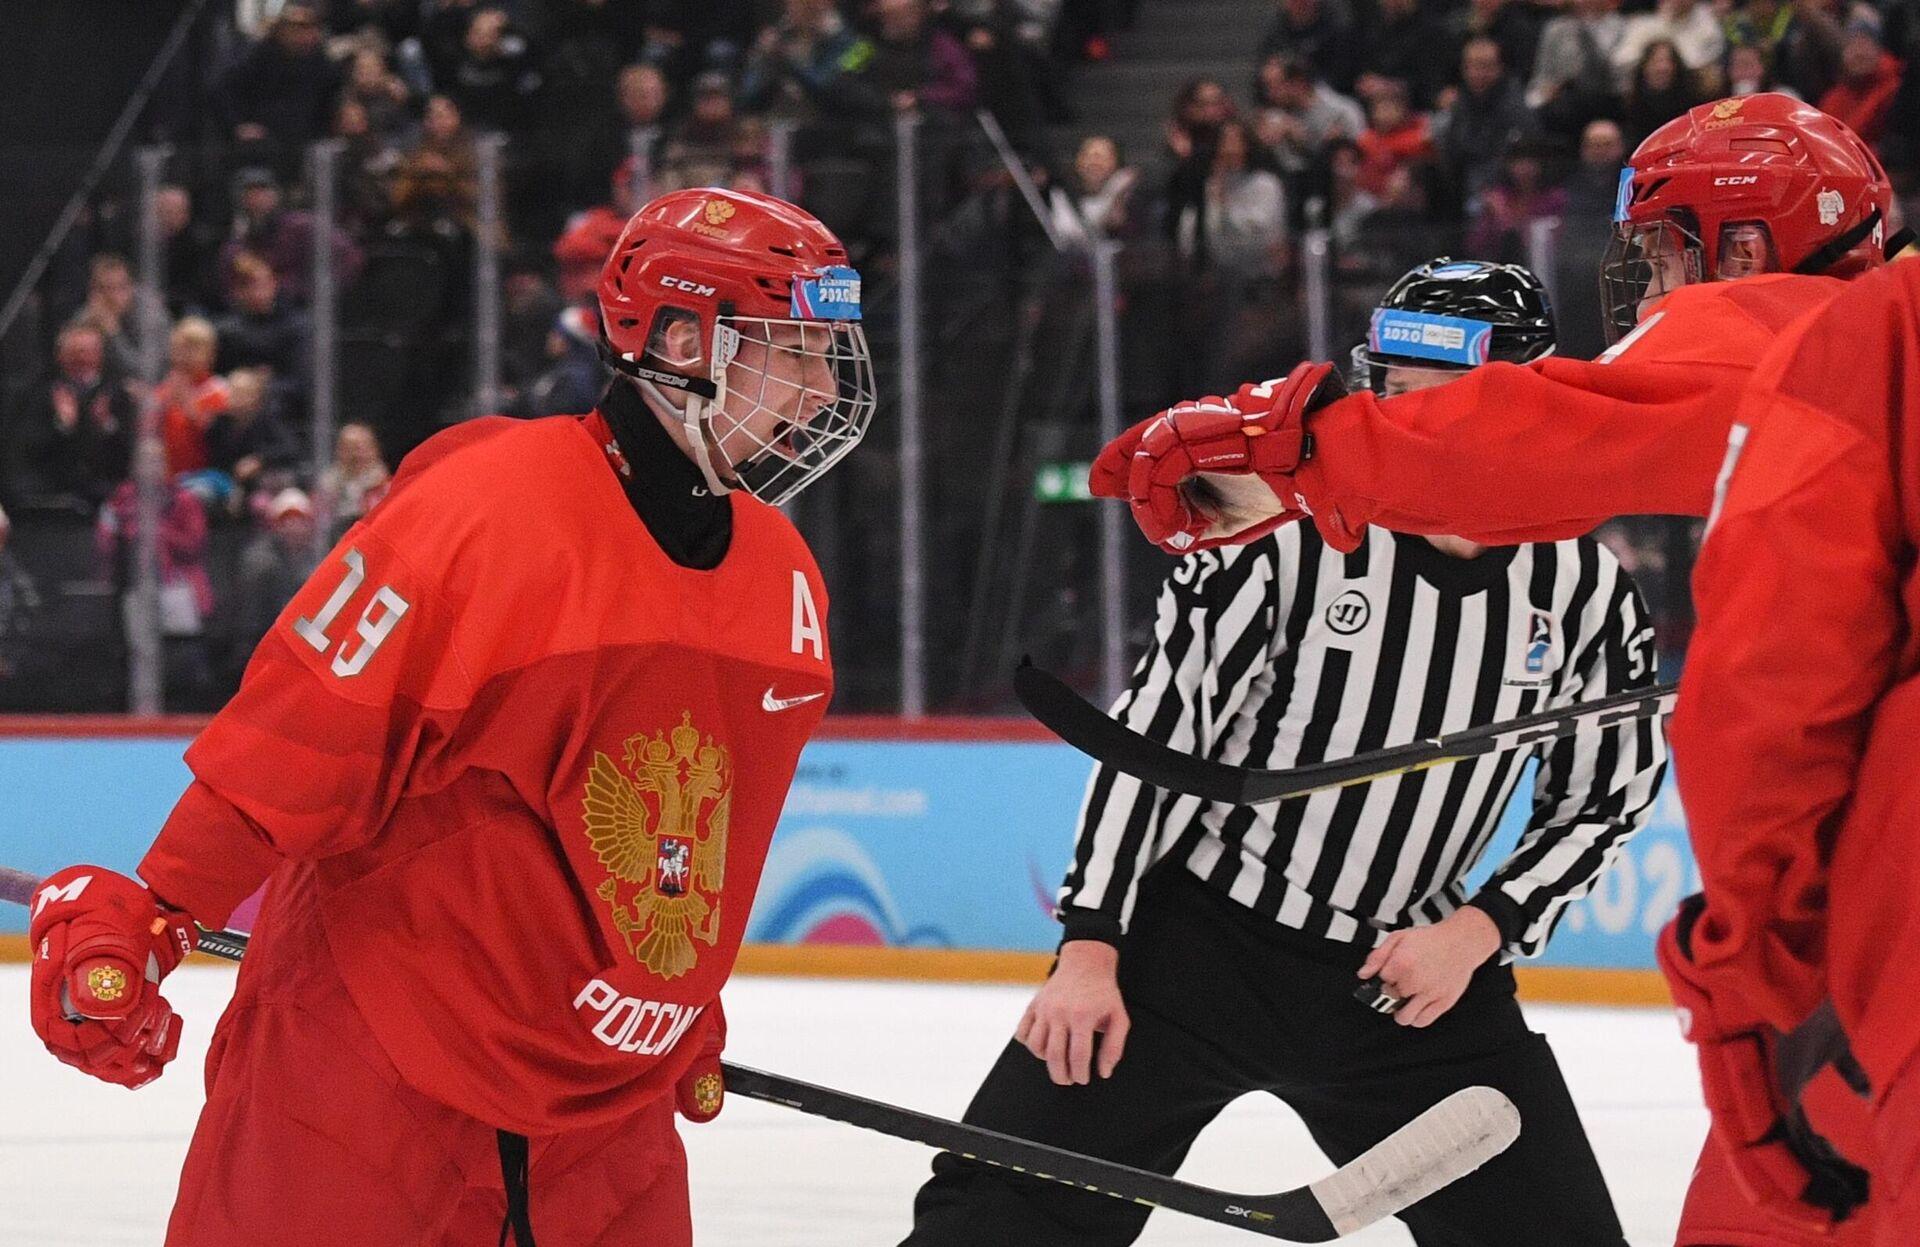 Слева: Матвей Мичков (Россия) радуется заброшенной шайбе - РИА Новости, 1920, 07.05.2021